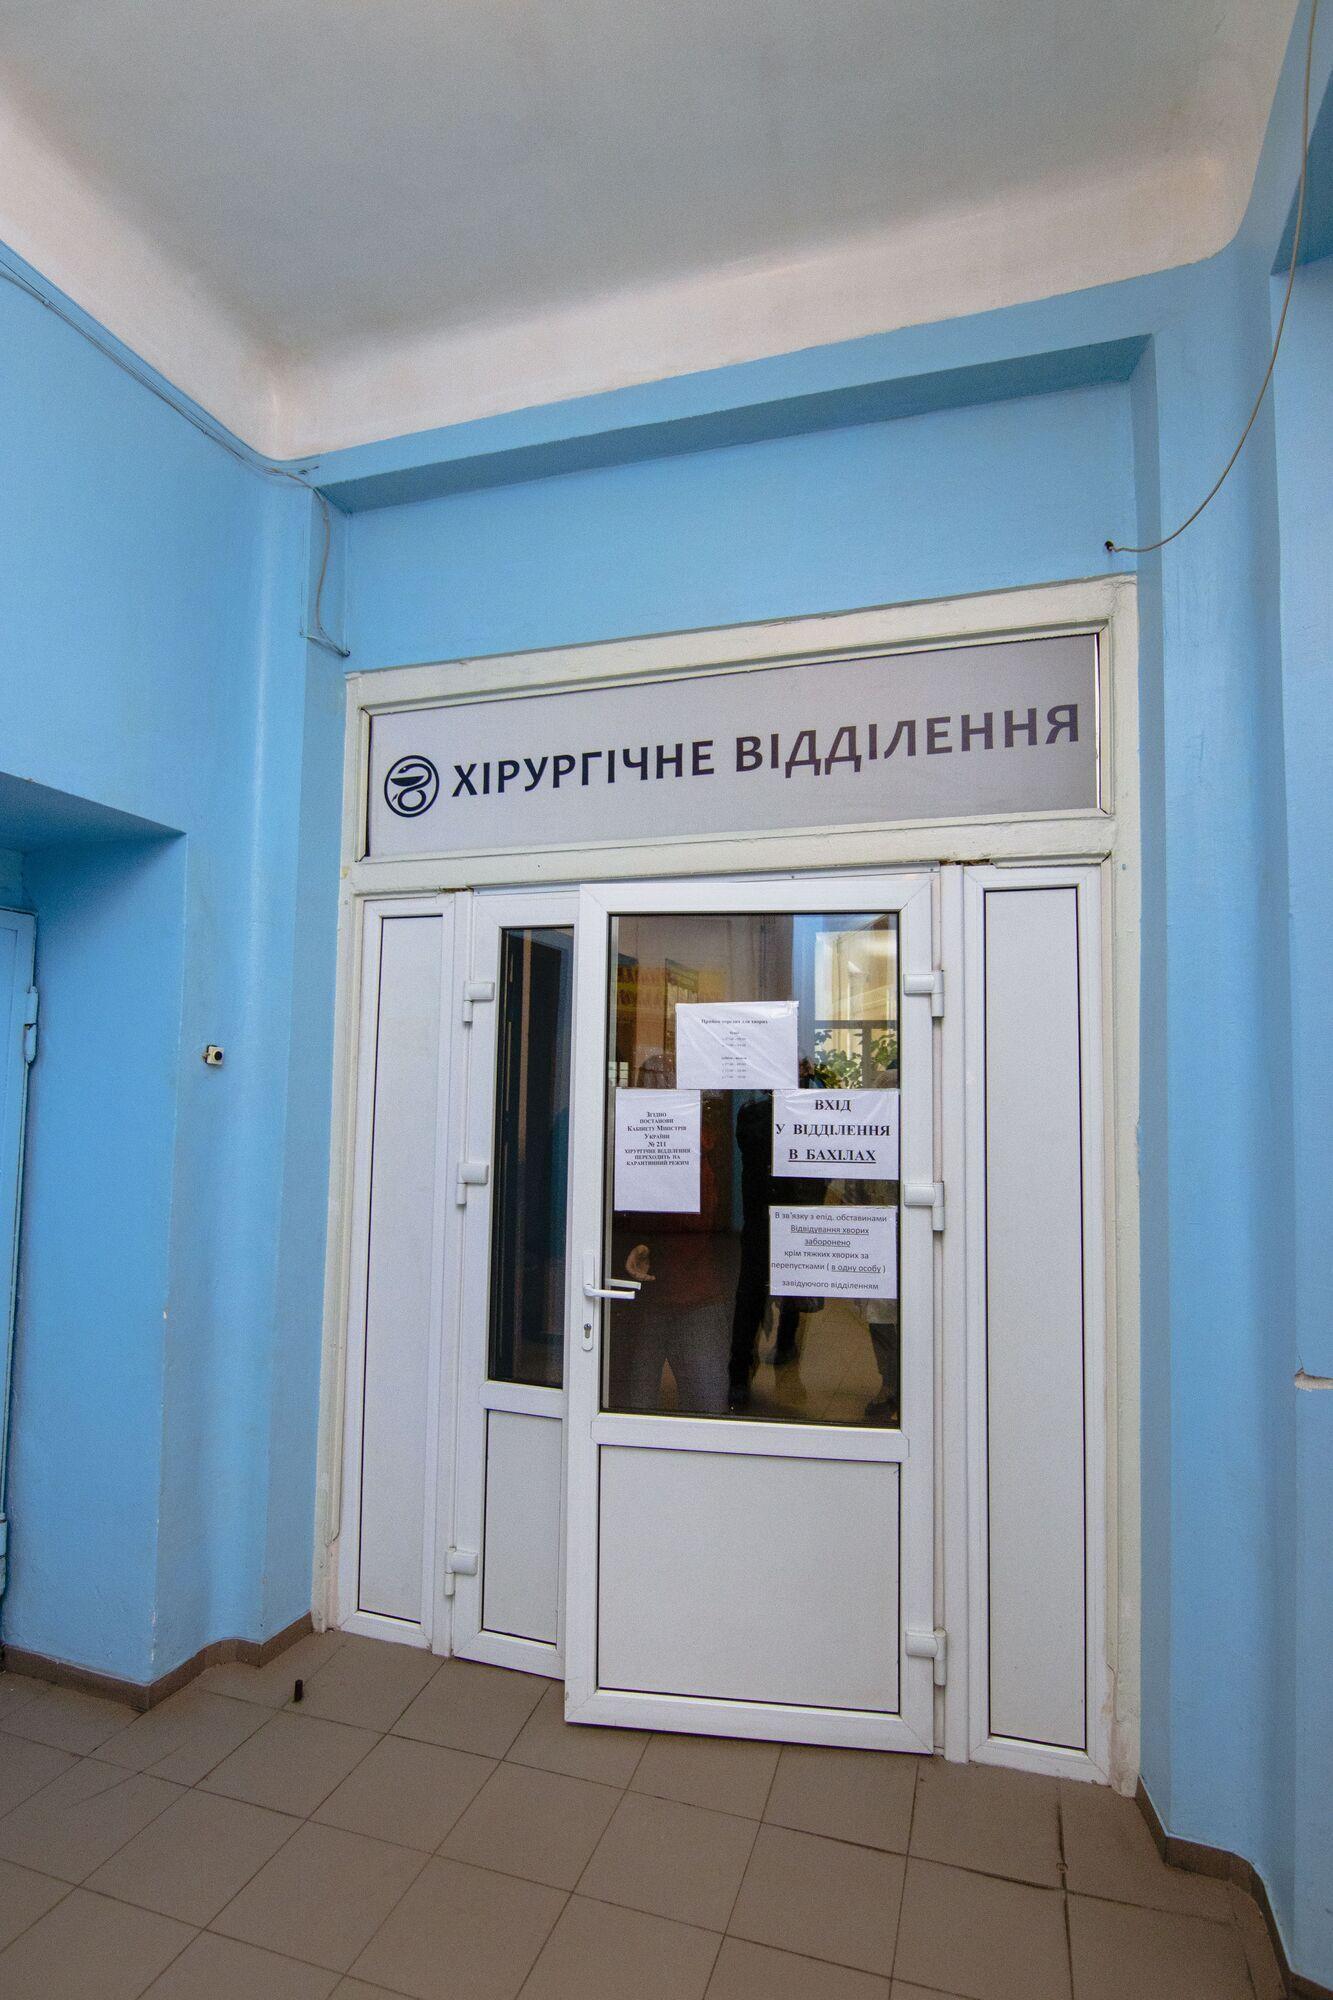 Присоединение больницы №12 позволит на ее базе создать современный реабилитационный центр стационарного профиля